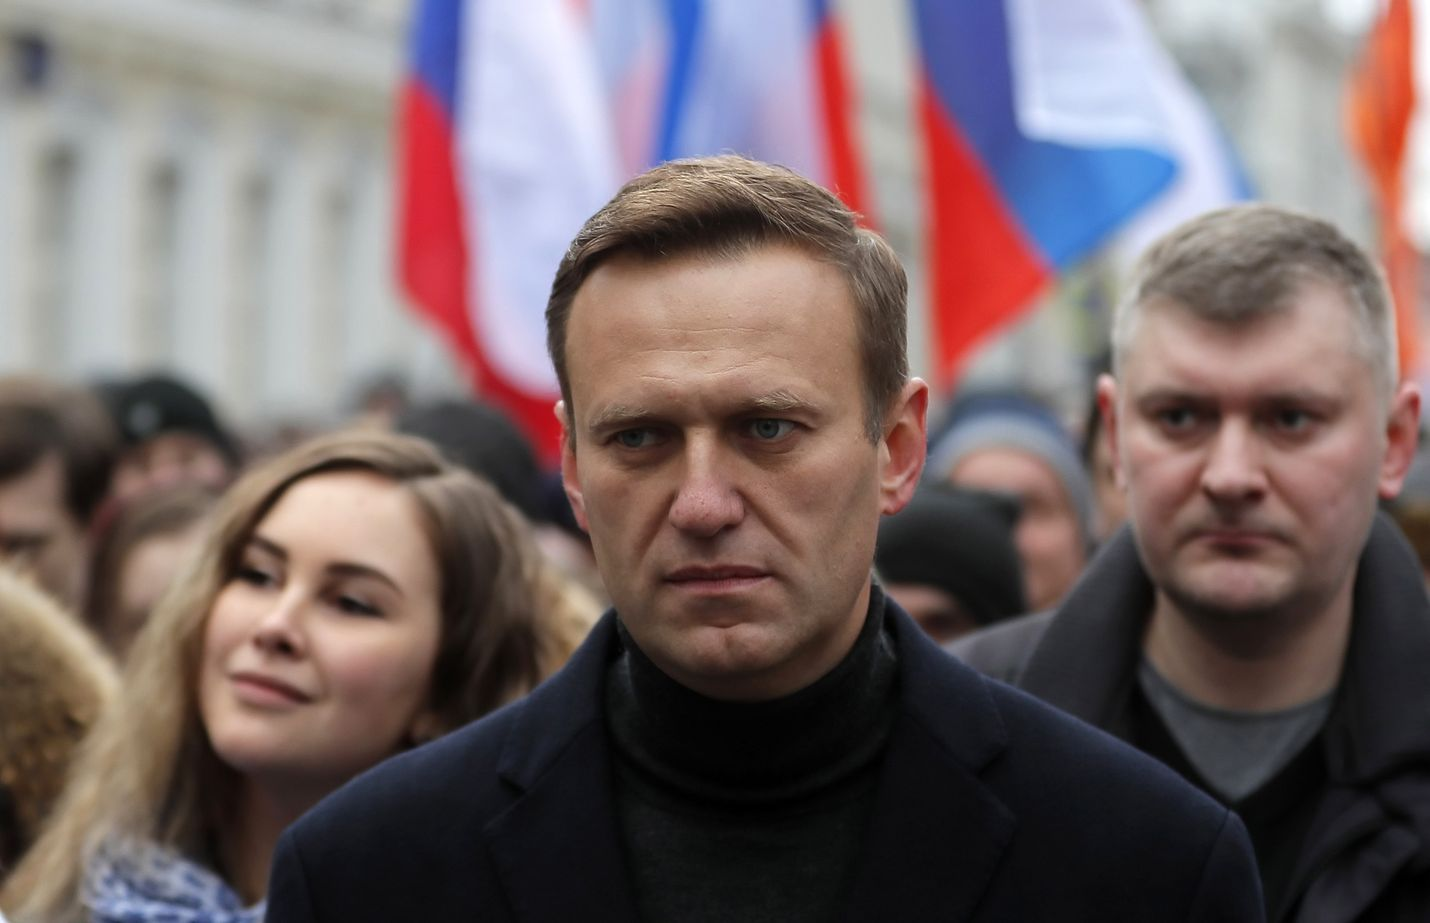 Venäläinen oppositiojohtaja Aleksei NAvalnyi sairastui vakavasti Siperiasta Moskovaan matkalla olleen lennon aikana elokuun loppupuolella.